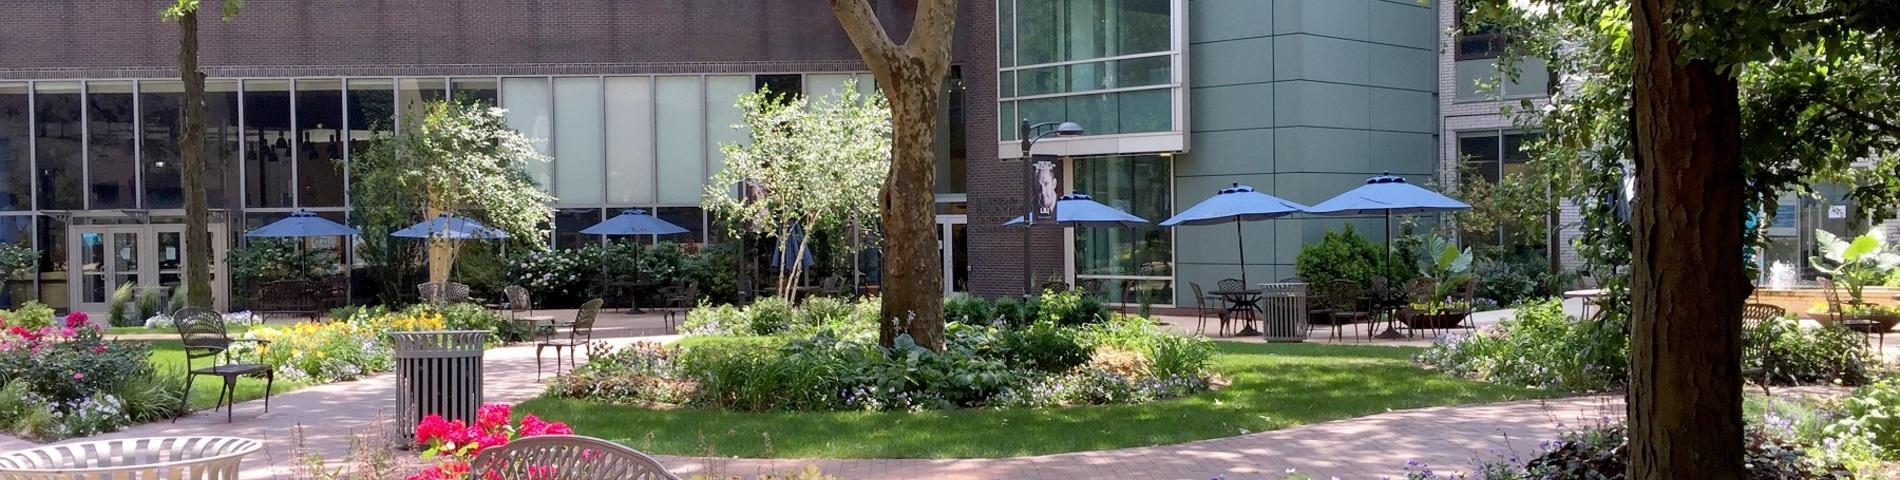 Embassy Junior Centre bild 1